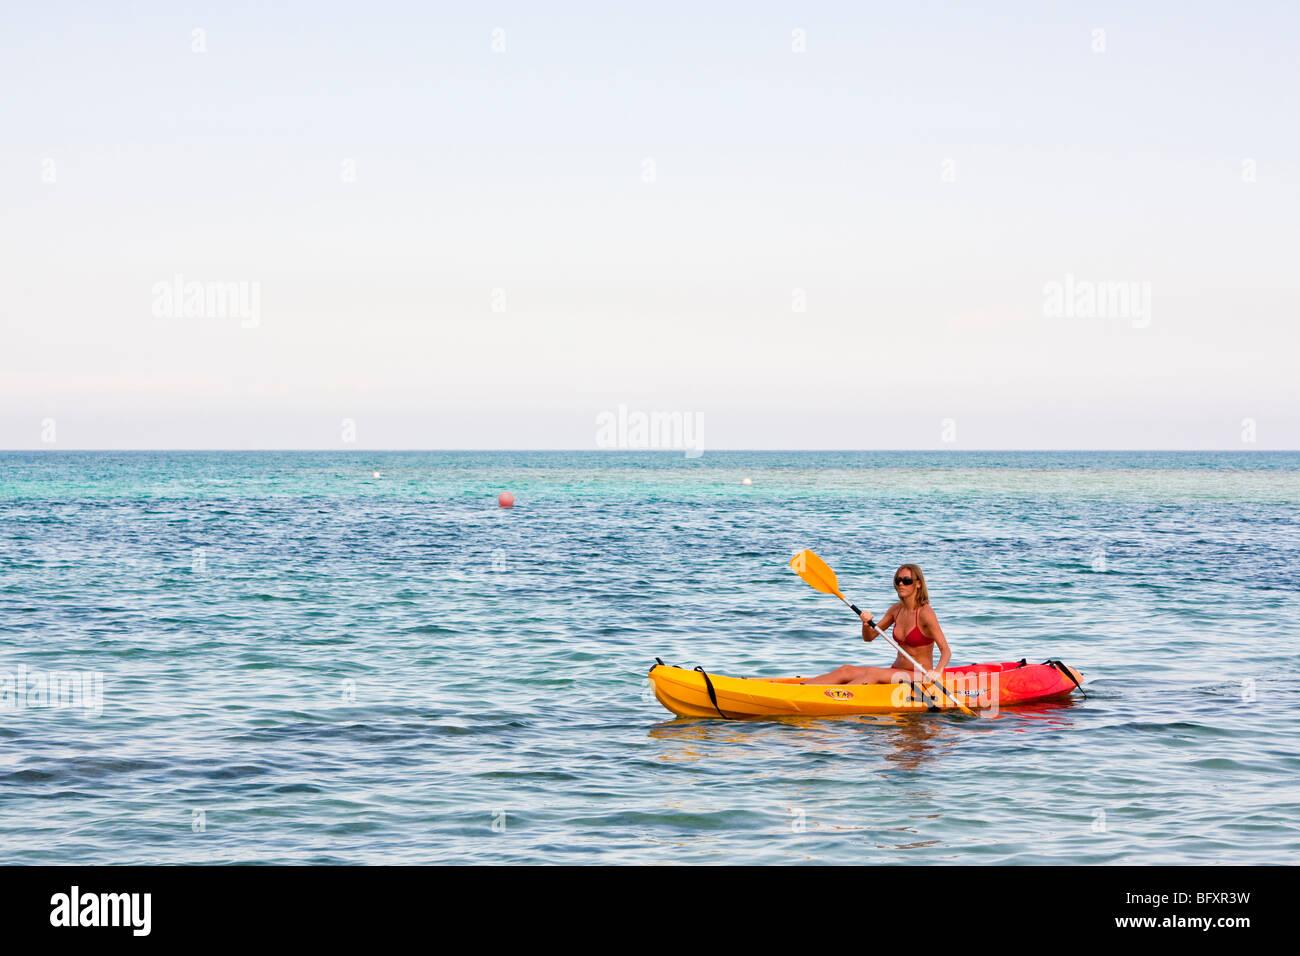 Giovane donna kayak tra le barriere coralline nell'Oceano Atlantico, Caraibi Cuba Immagini Stock